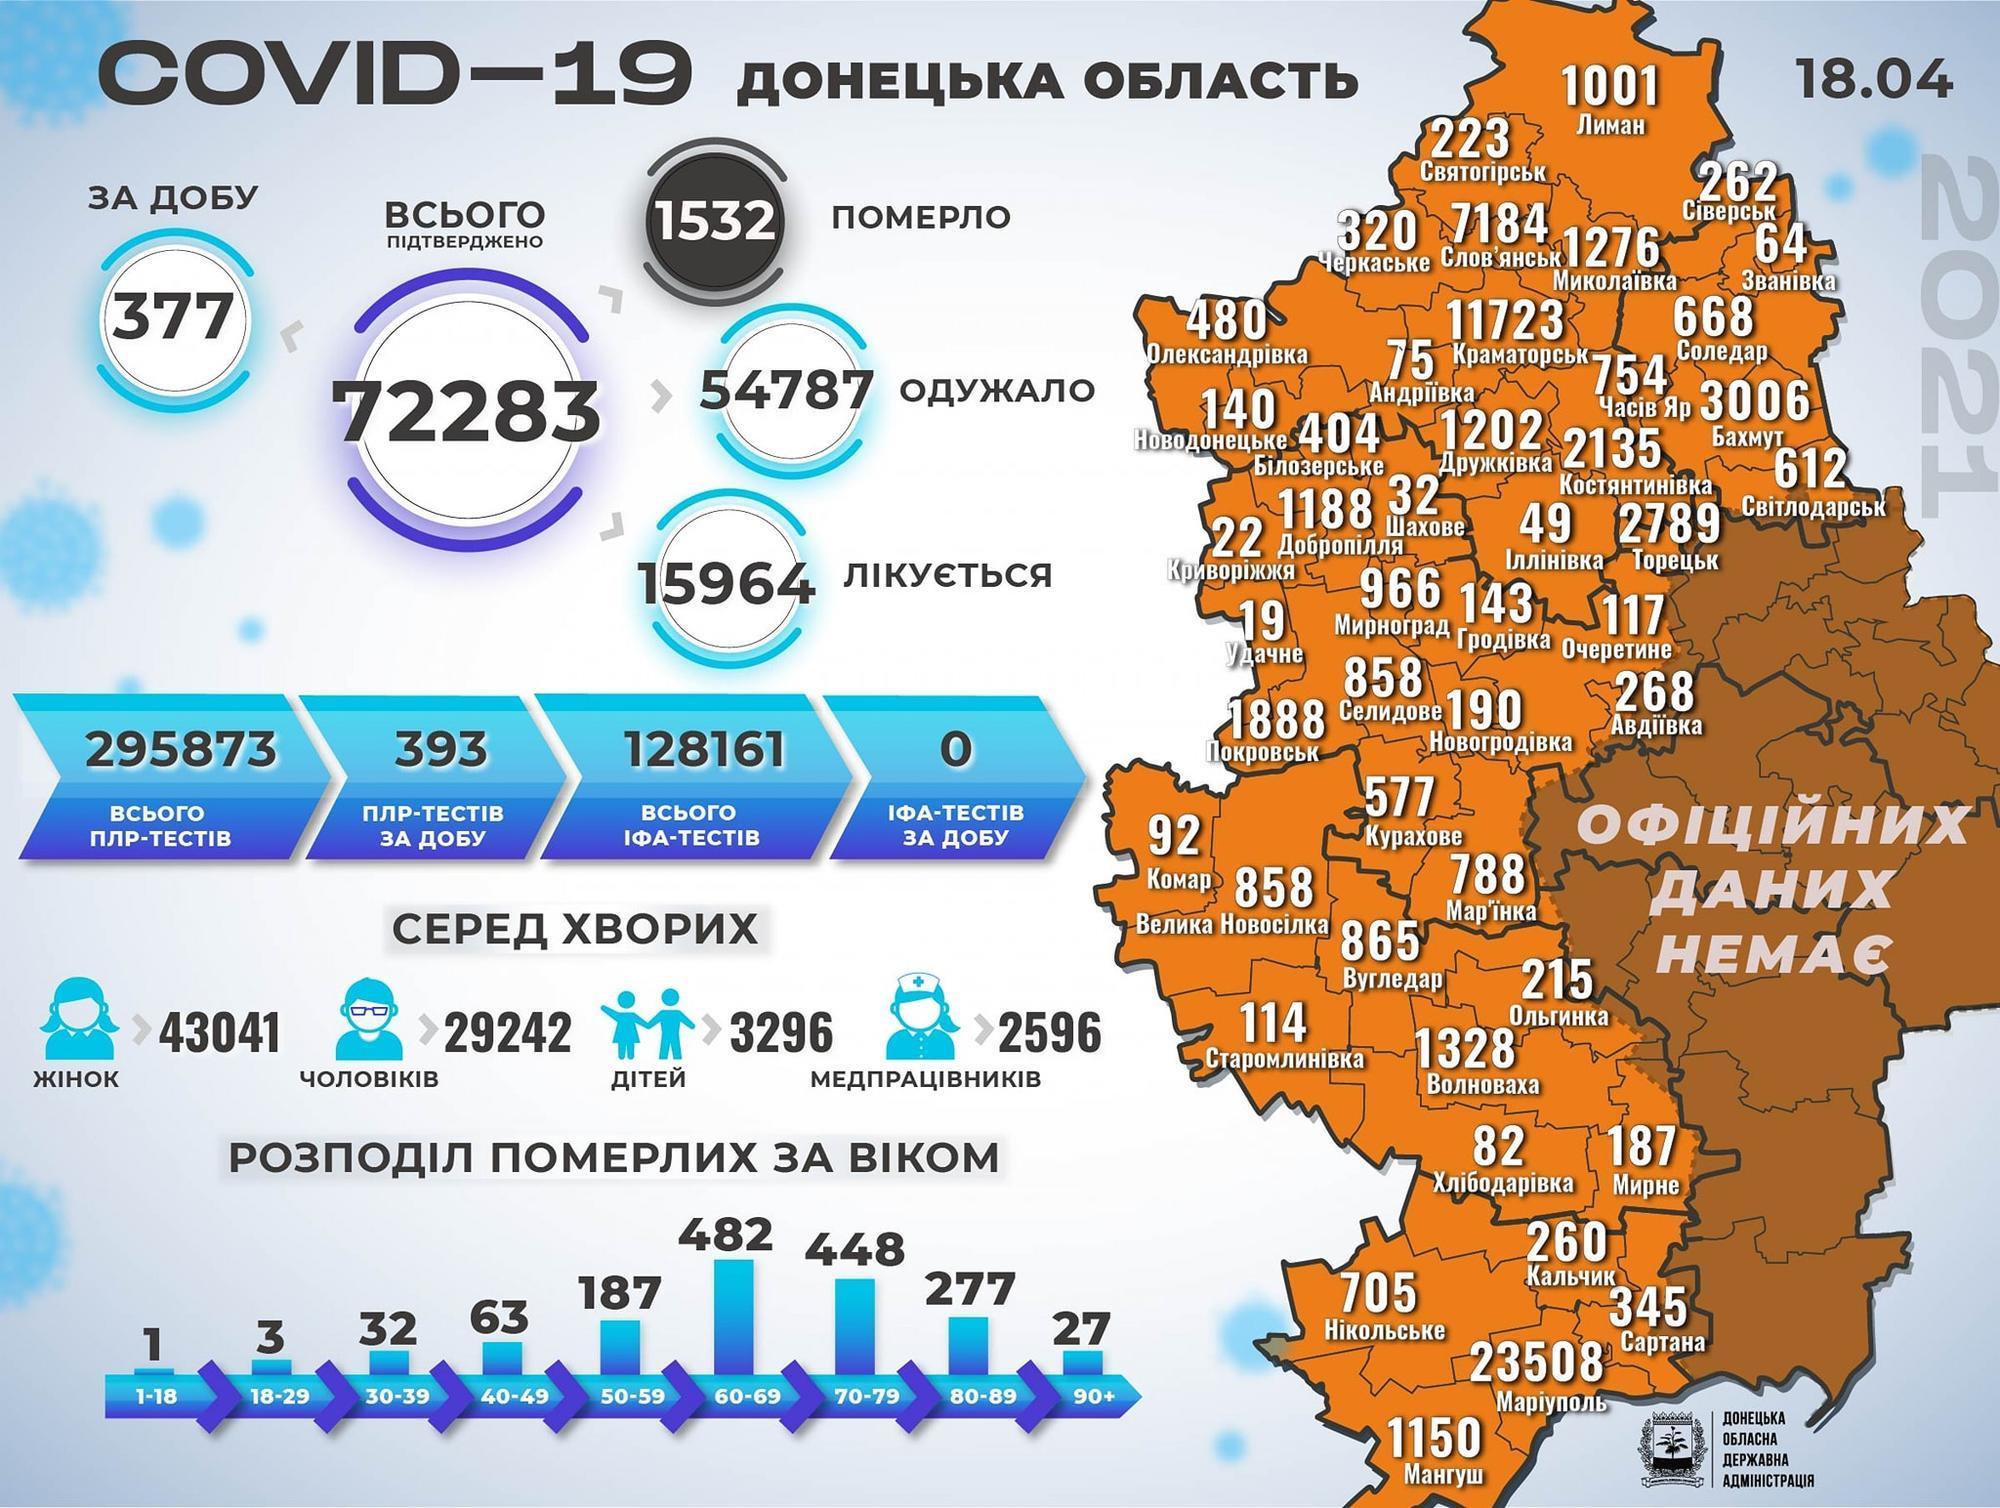 Коронавирус в Донецкой области по состоянию на 19 апреля